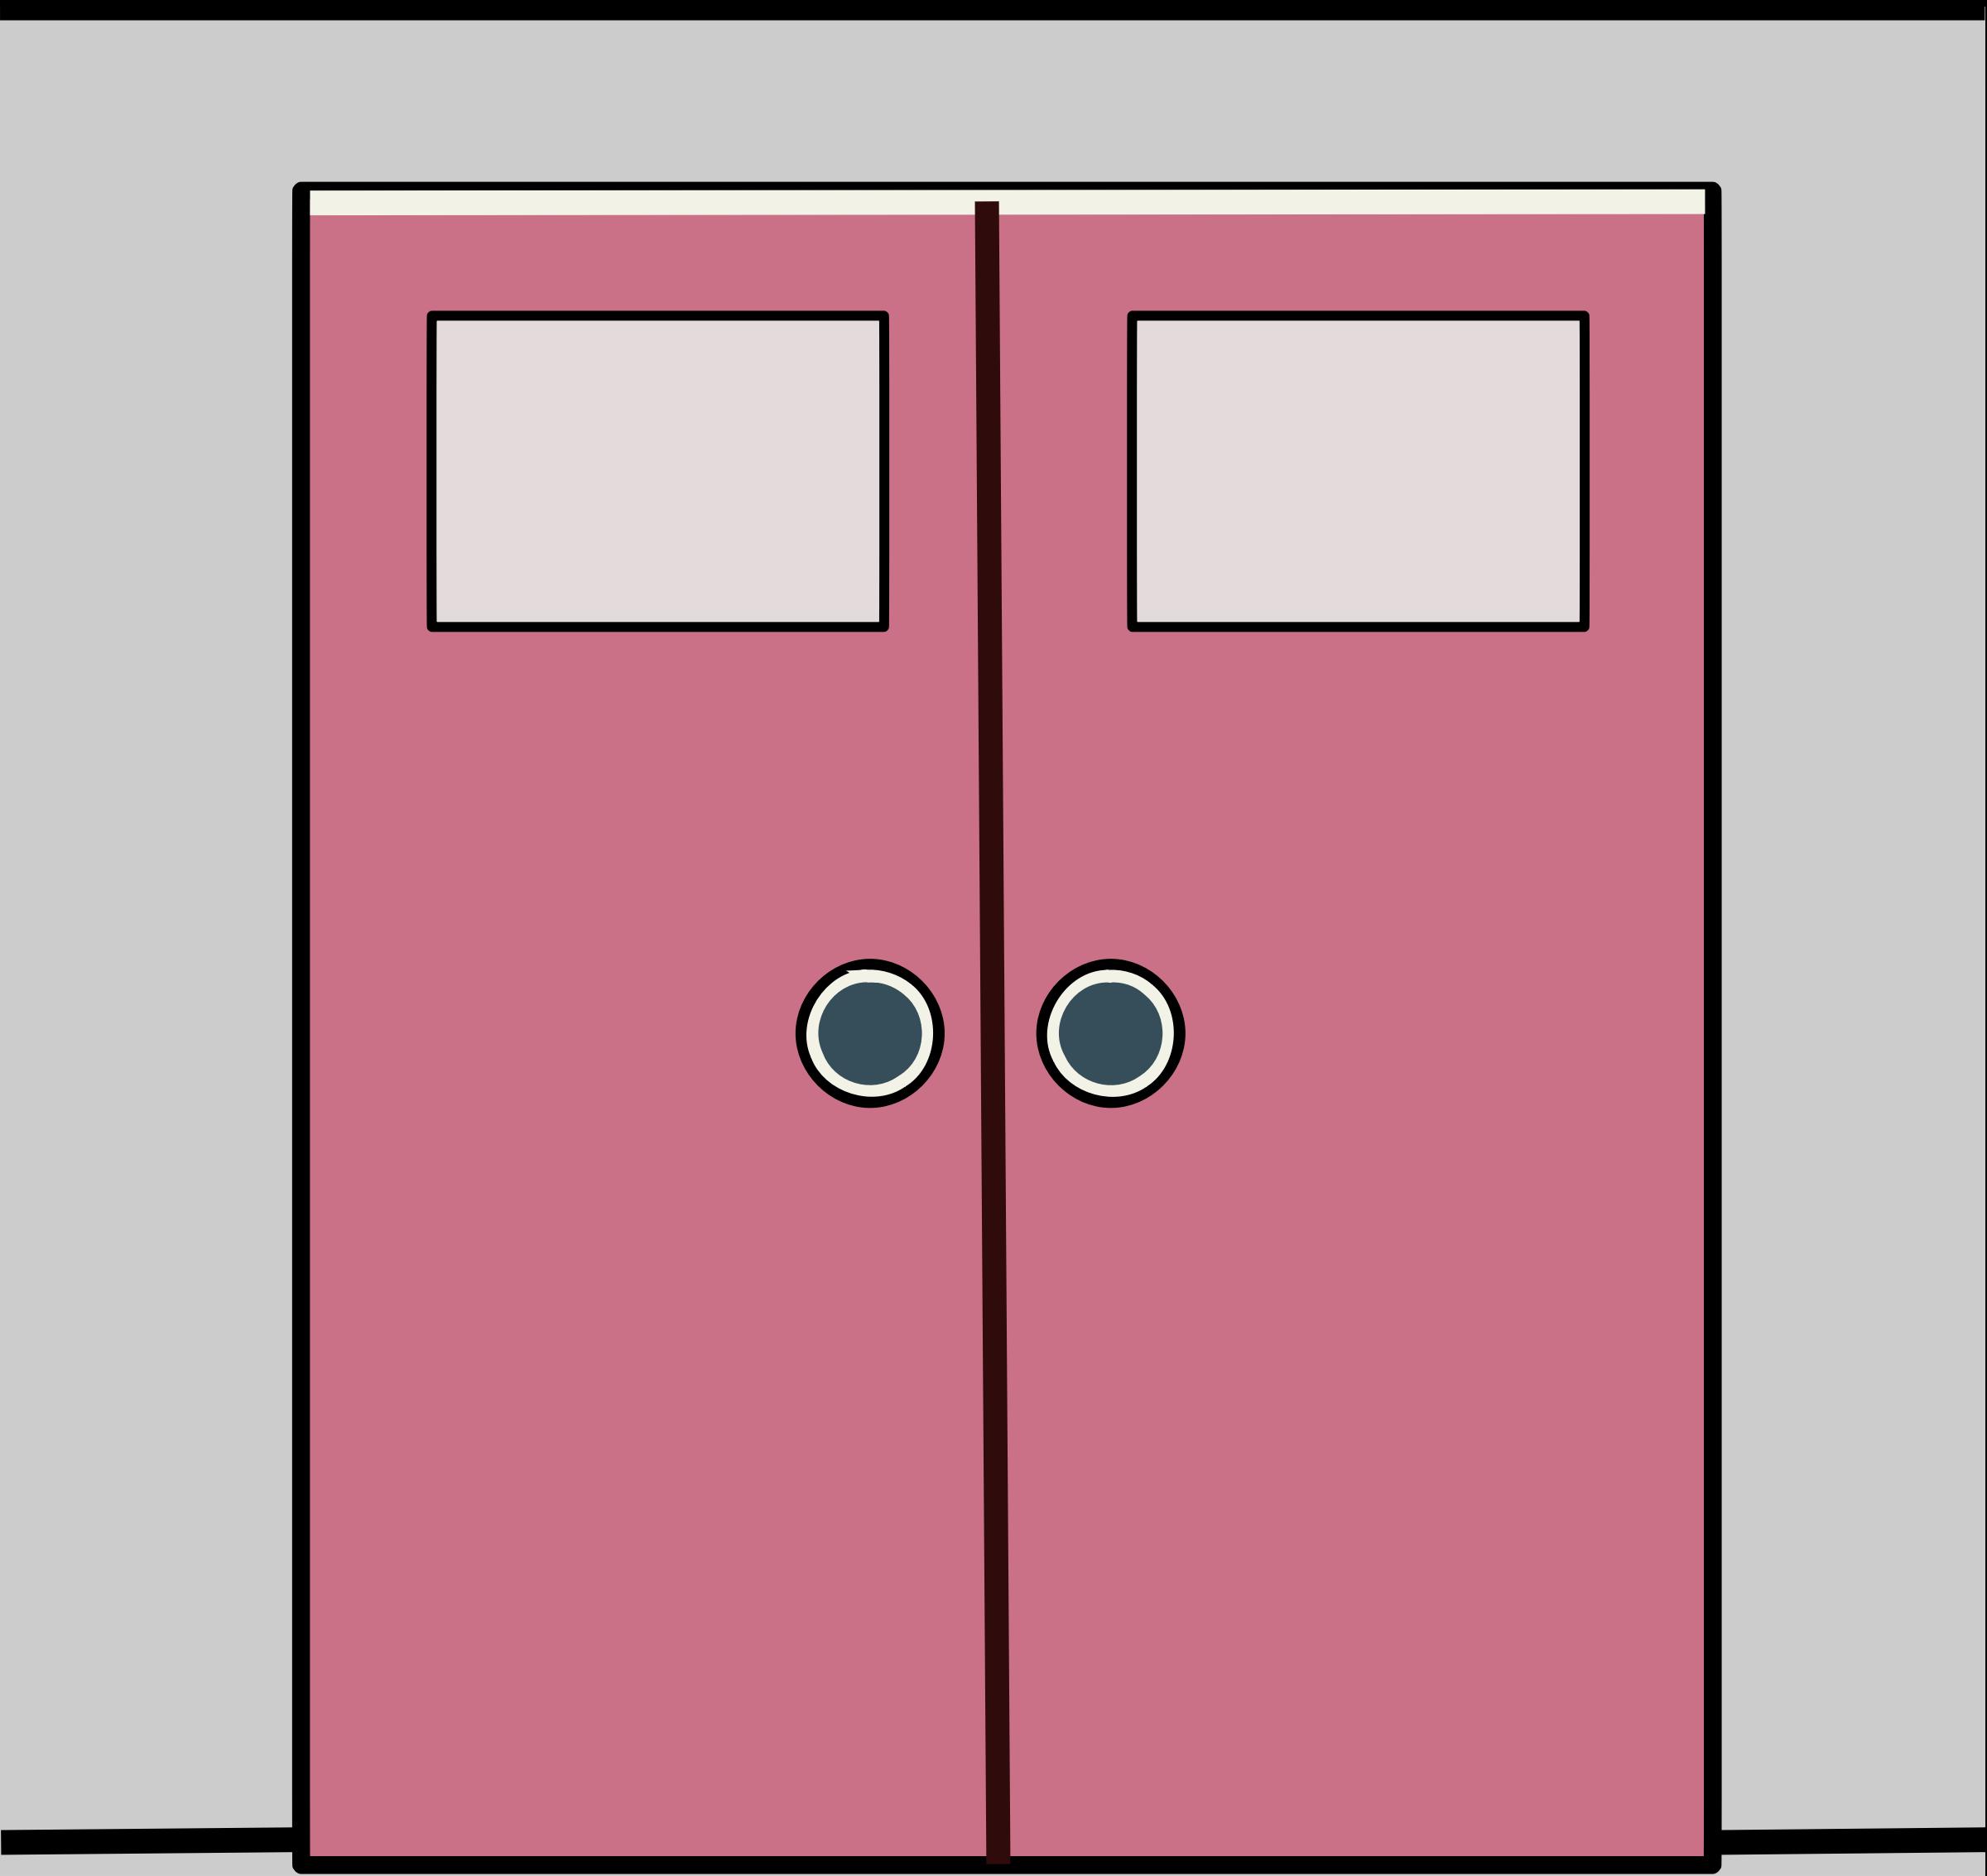 Big image png. Clipart door